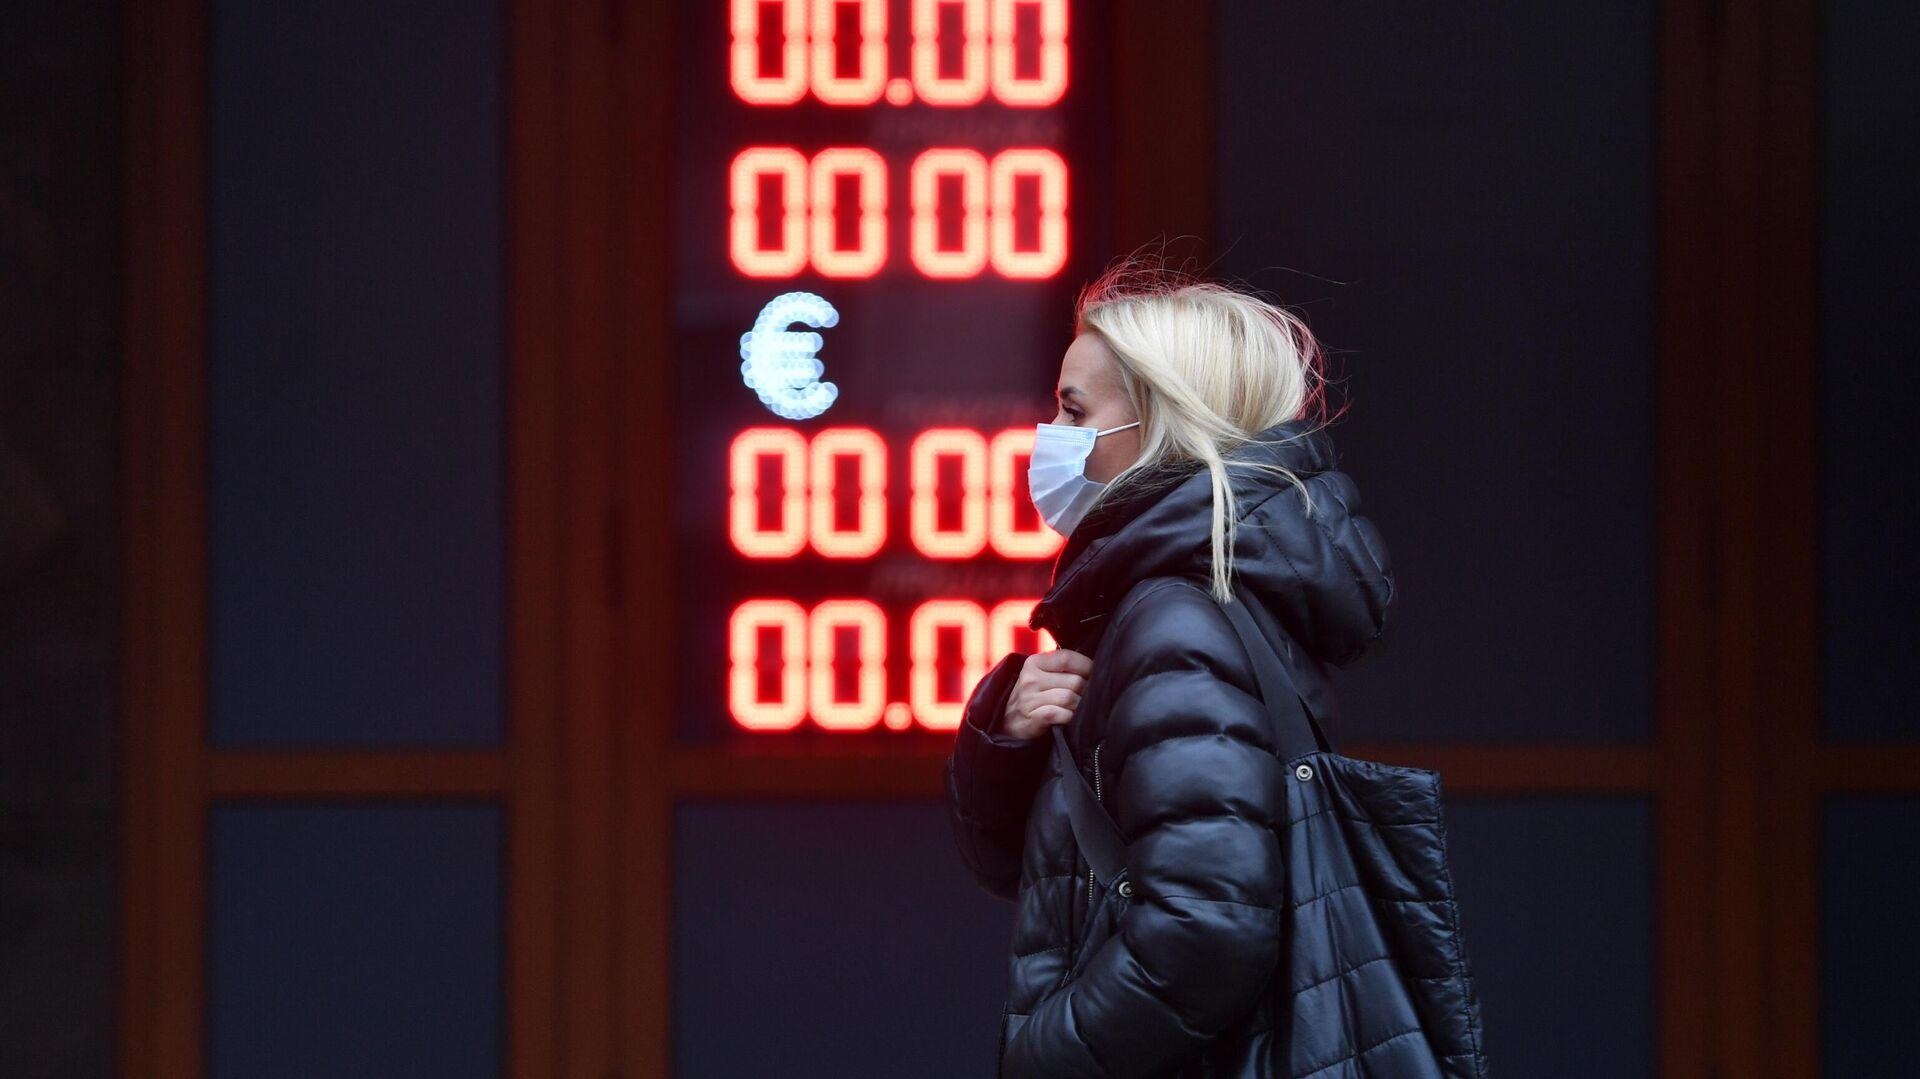 Электронное табло с курсами валют на одной из улиц в Москв - РИА Новости, 1920, 20.01.2021